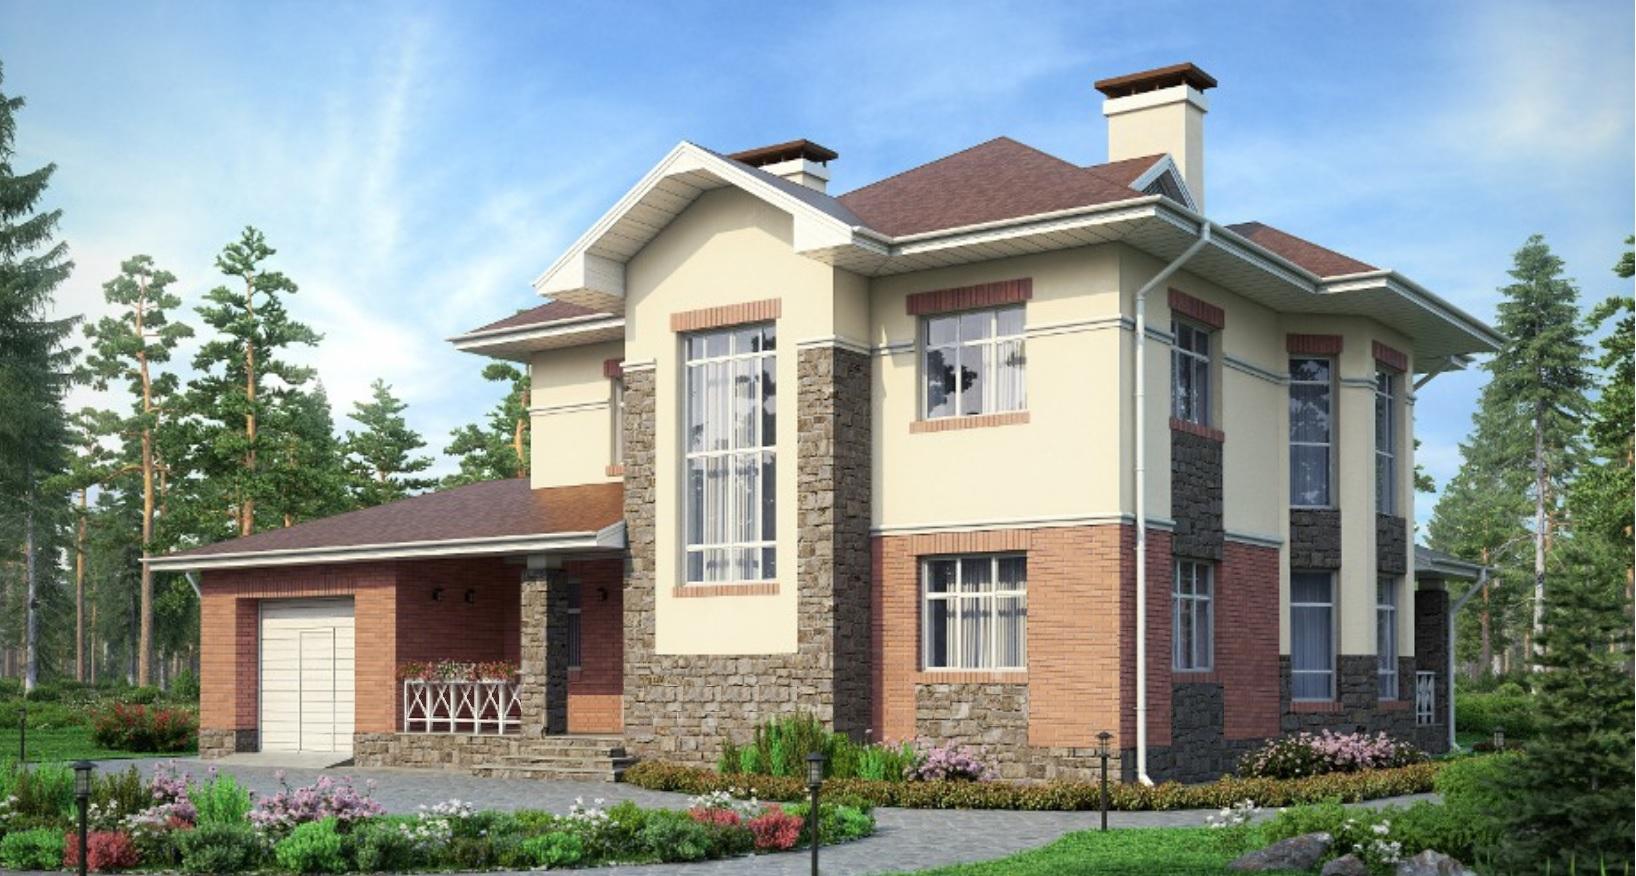 Проект двухэтажного кирпичного дома 37-36 в американском сти.